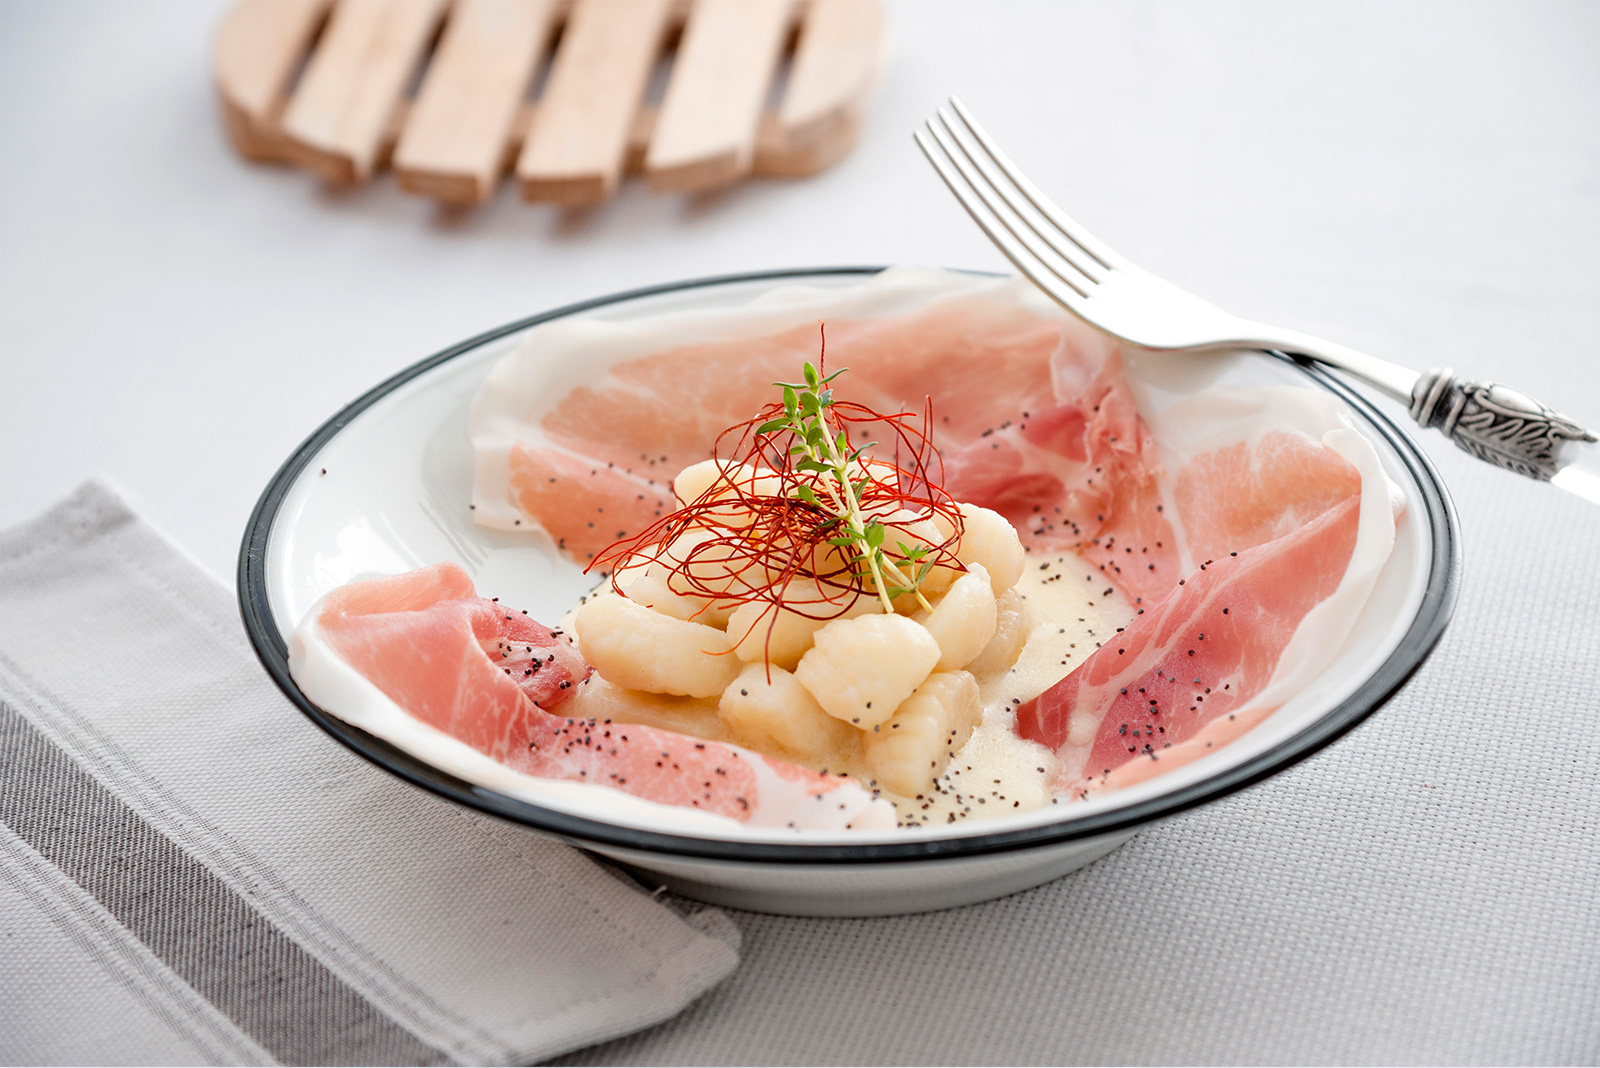 Ricetta Gnocchi Senza Glutine Prosciutto Crudo Pasta di Venezia